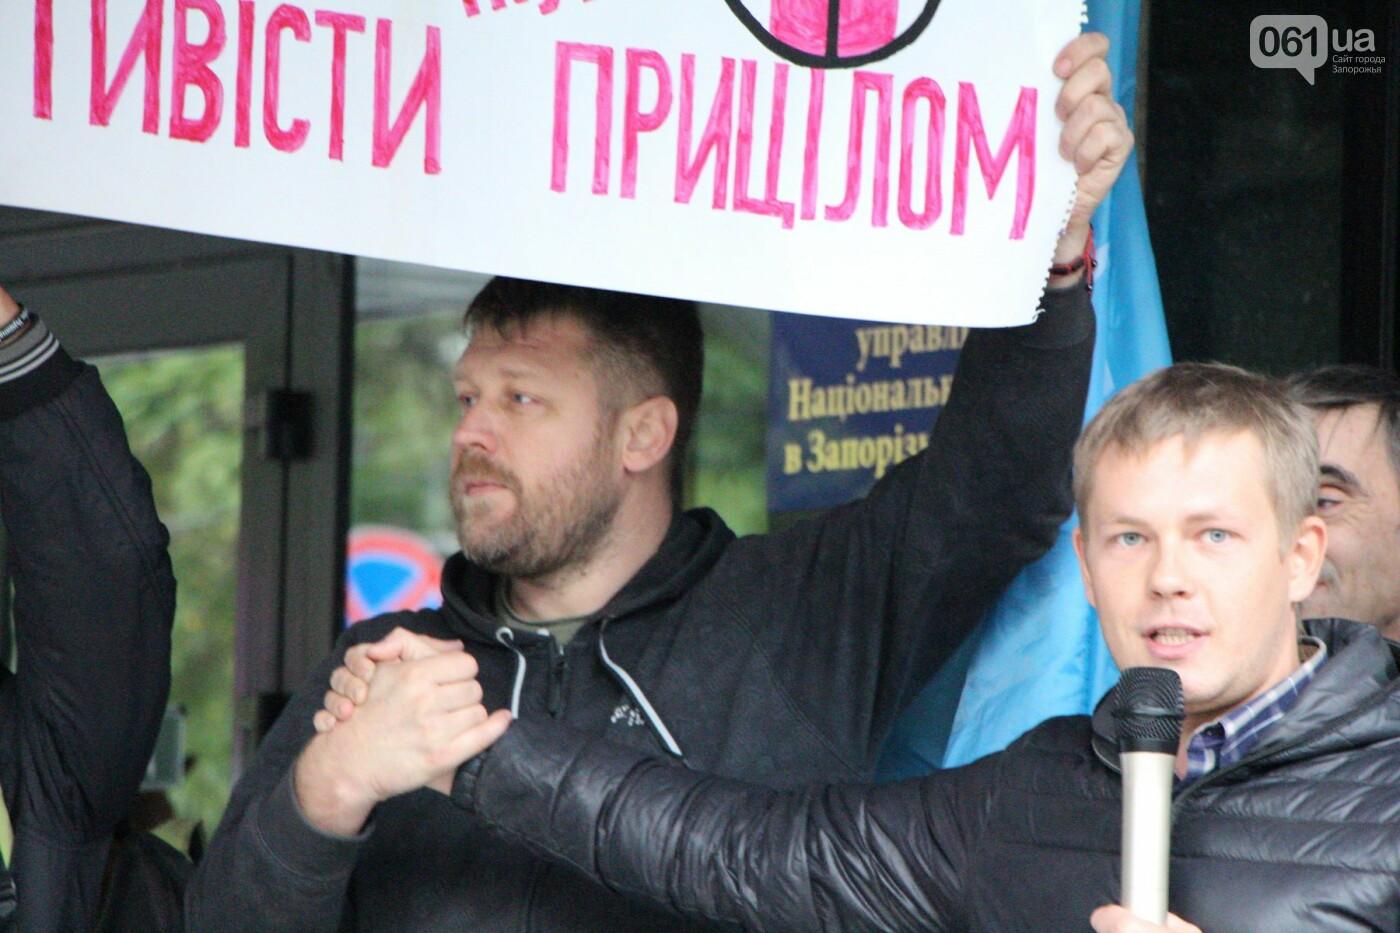 Активисты под прицелом: в Запорожье под зданием Нацполиции митинговали за расследование преступлений, - ФОТОРЕПОРТАЖ, фото-14